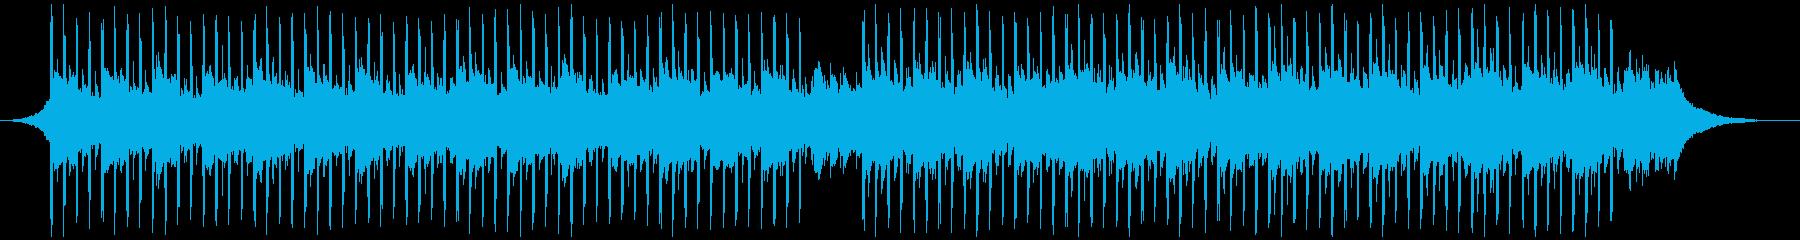 チュートリアルミュージック(中)の再生済みの波形